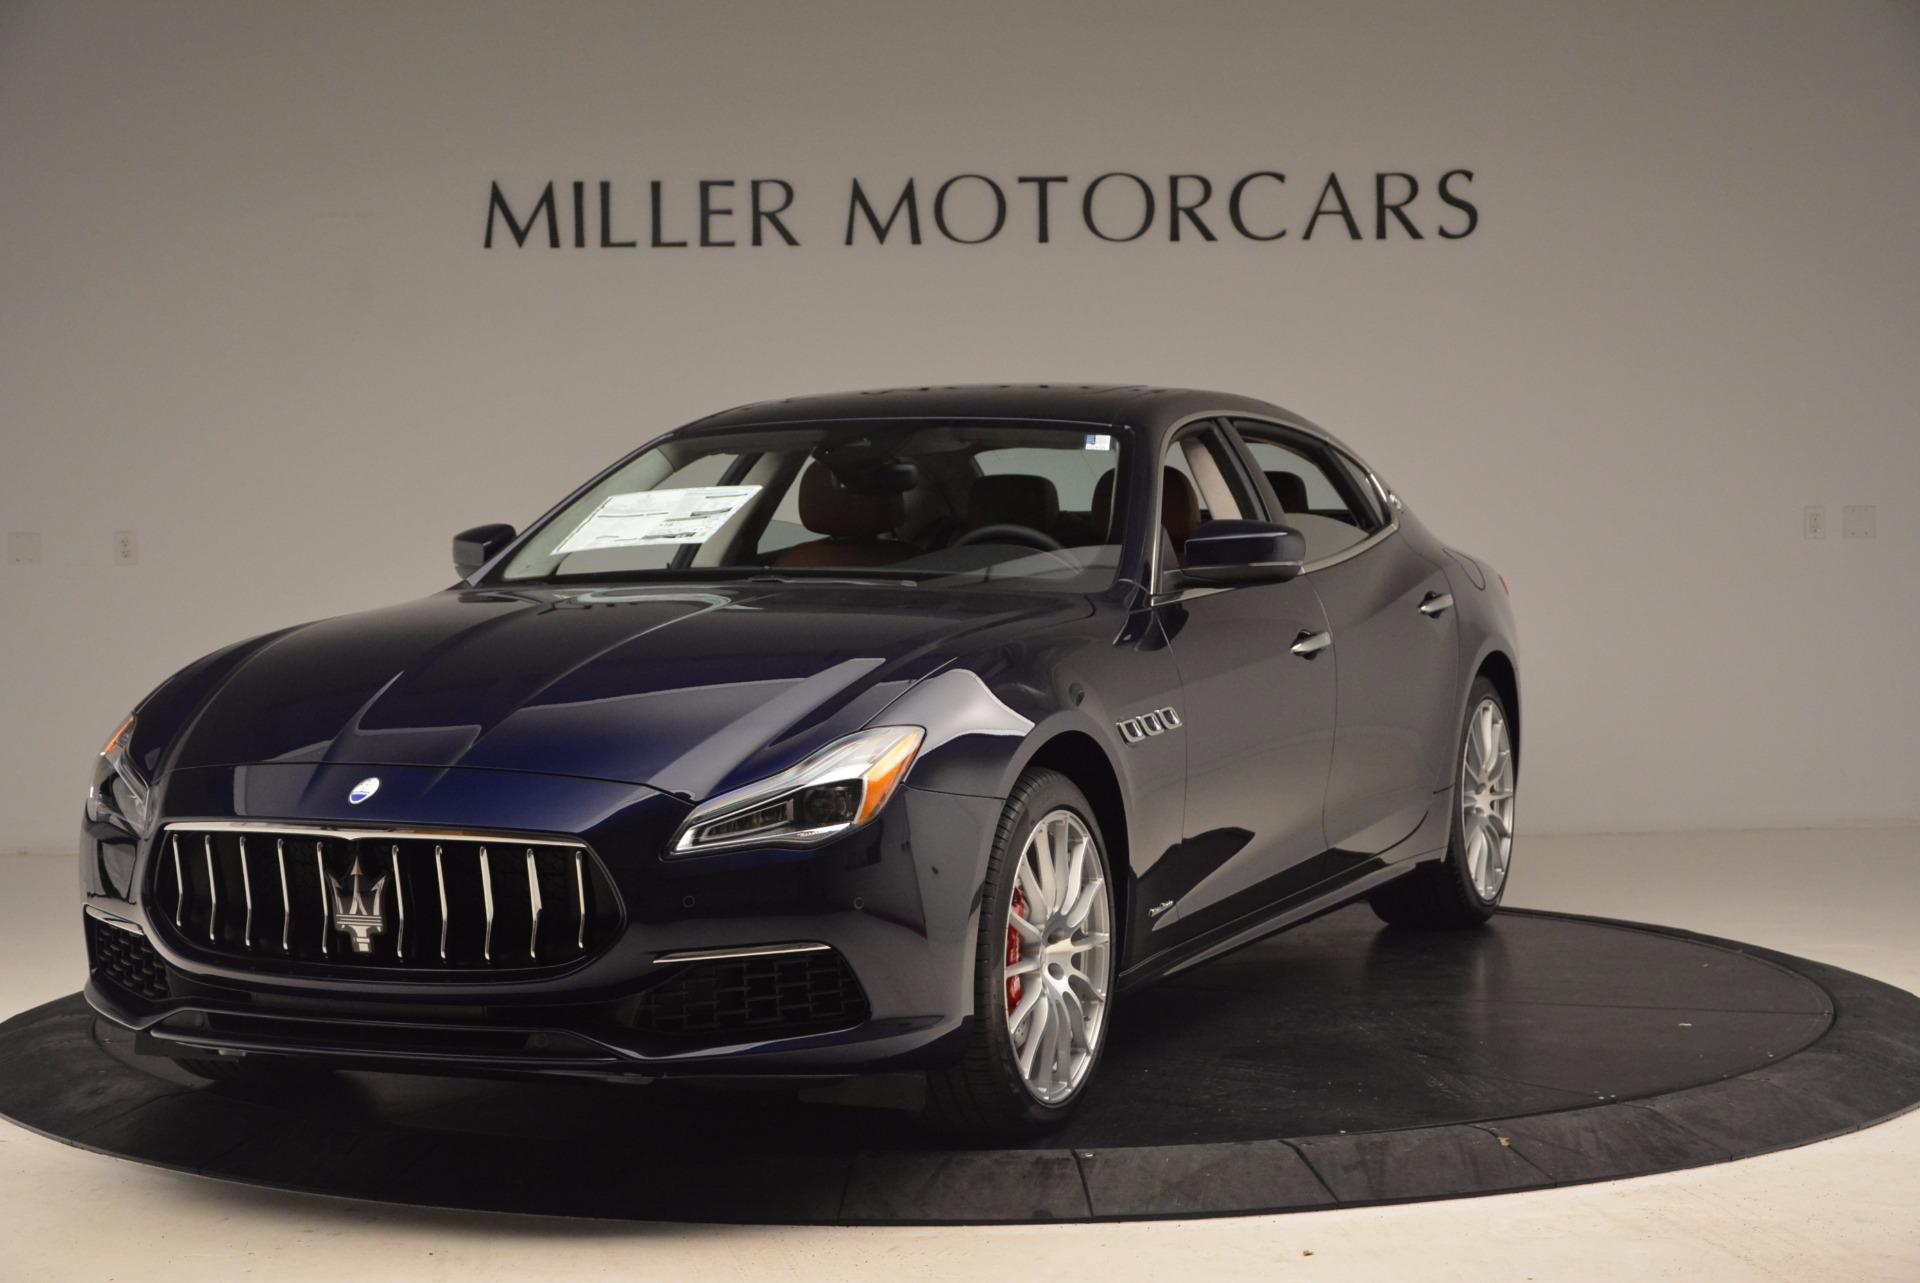 New 2018 Maserati Quattroporte S Q4 GranLusso For Sale In Greenwich, CT. Alfa Romeo of Greenwich, M1949 1614_main